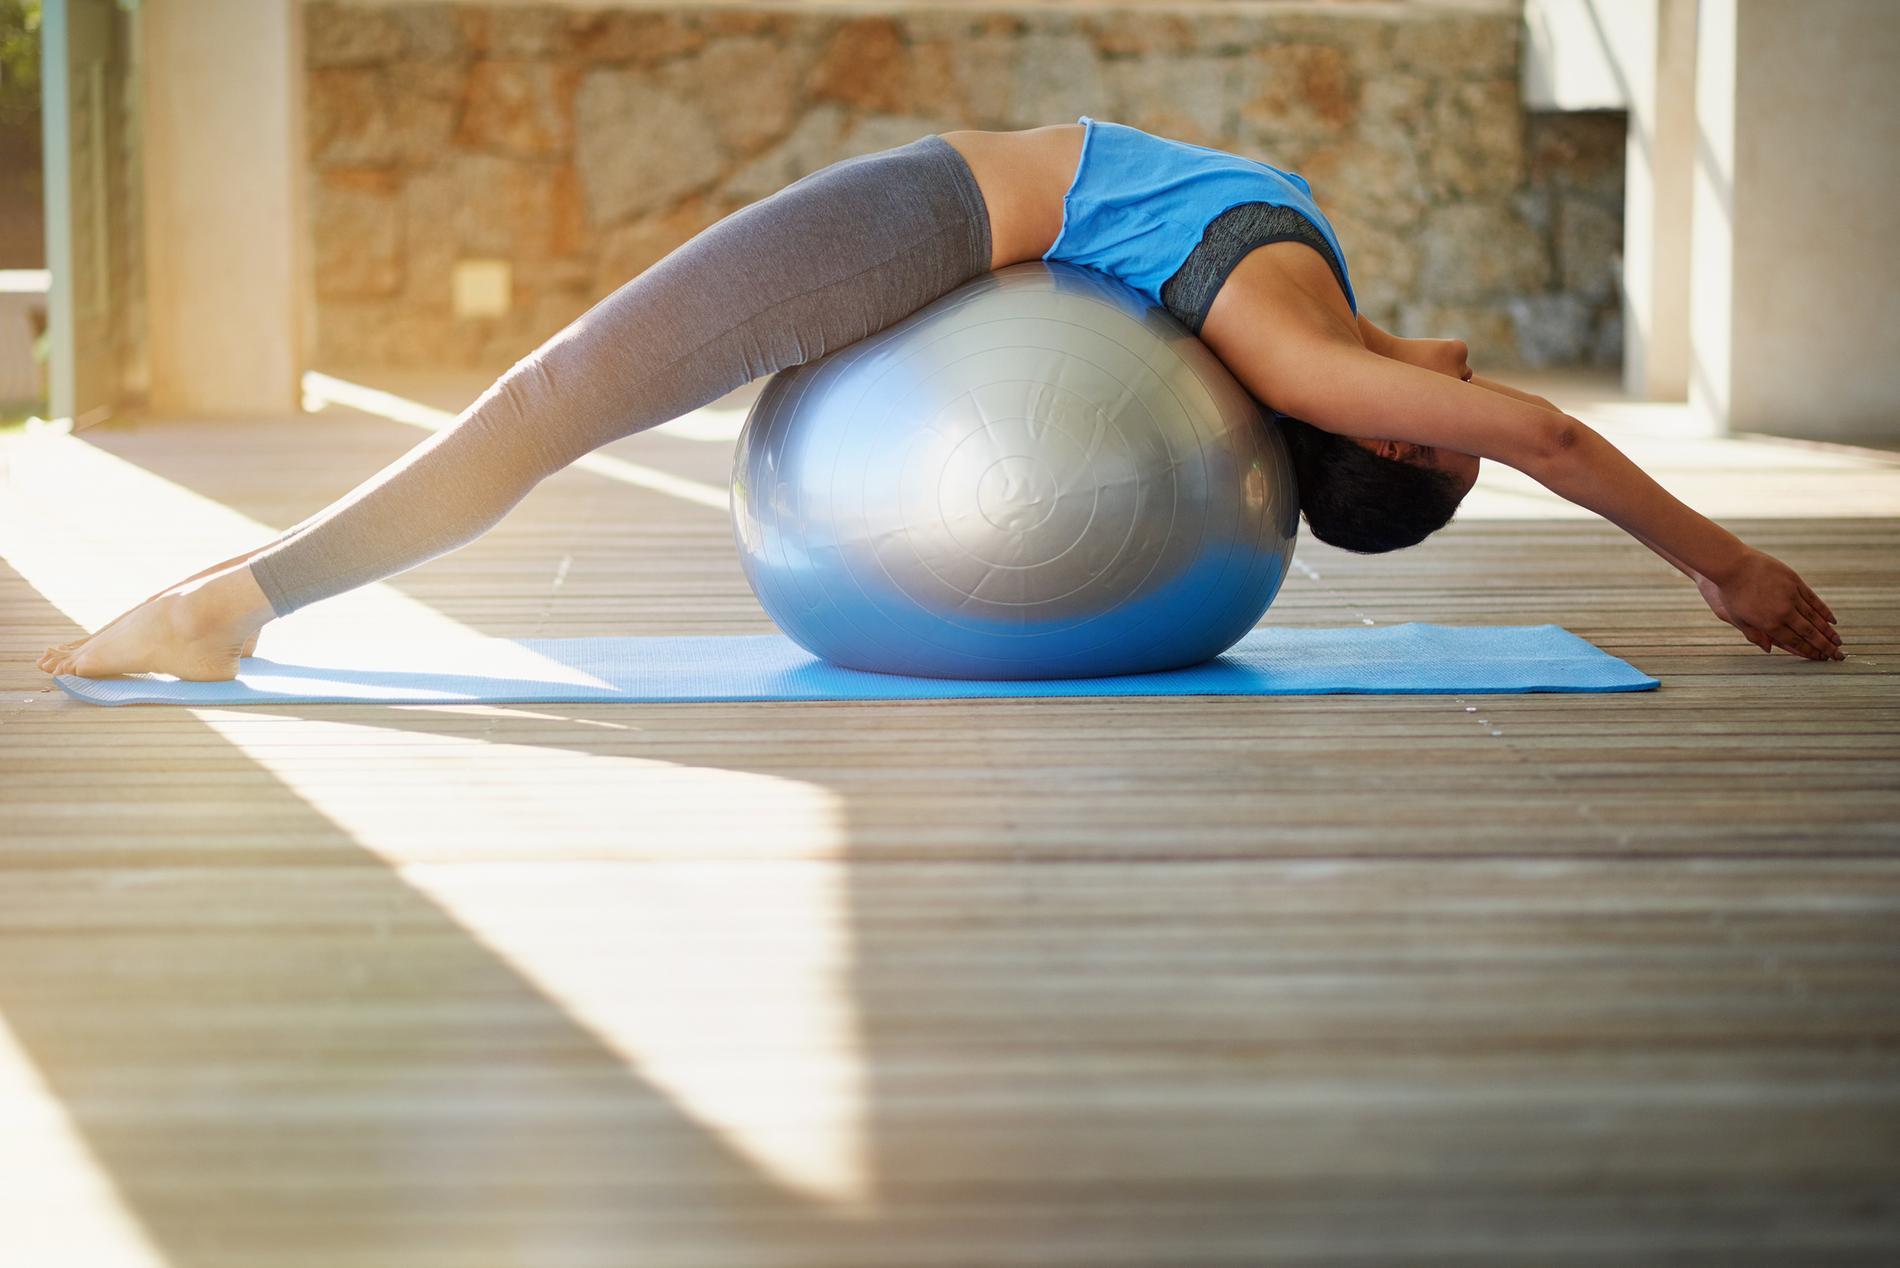 les exercices faire avec un ballon de pilates pour muscler. Black Bedroom Furniture Sets. Home Design Ideas